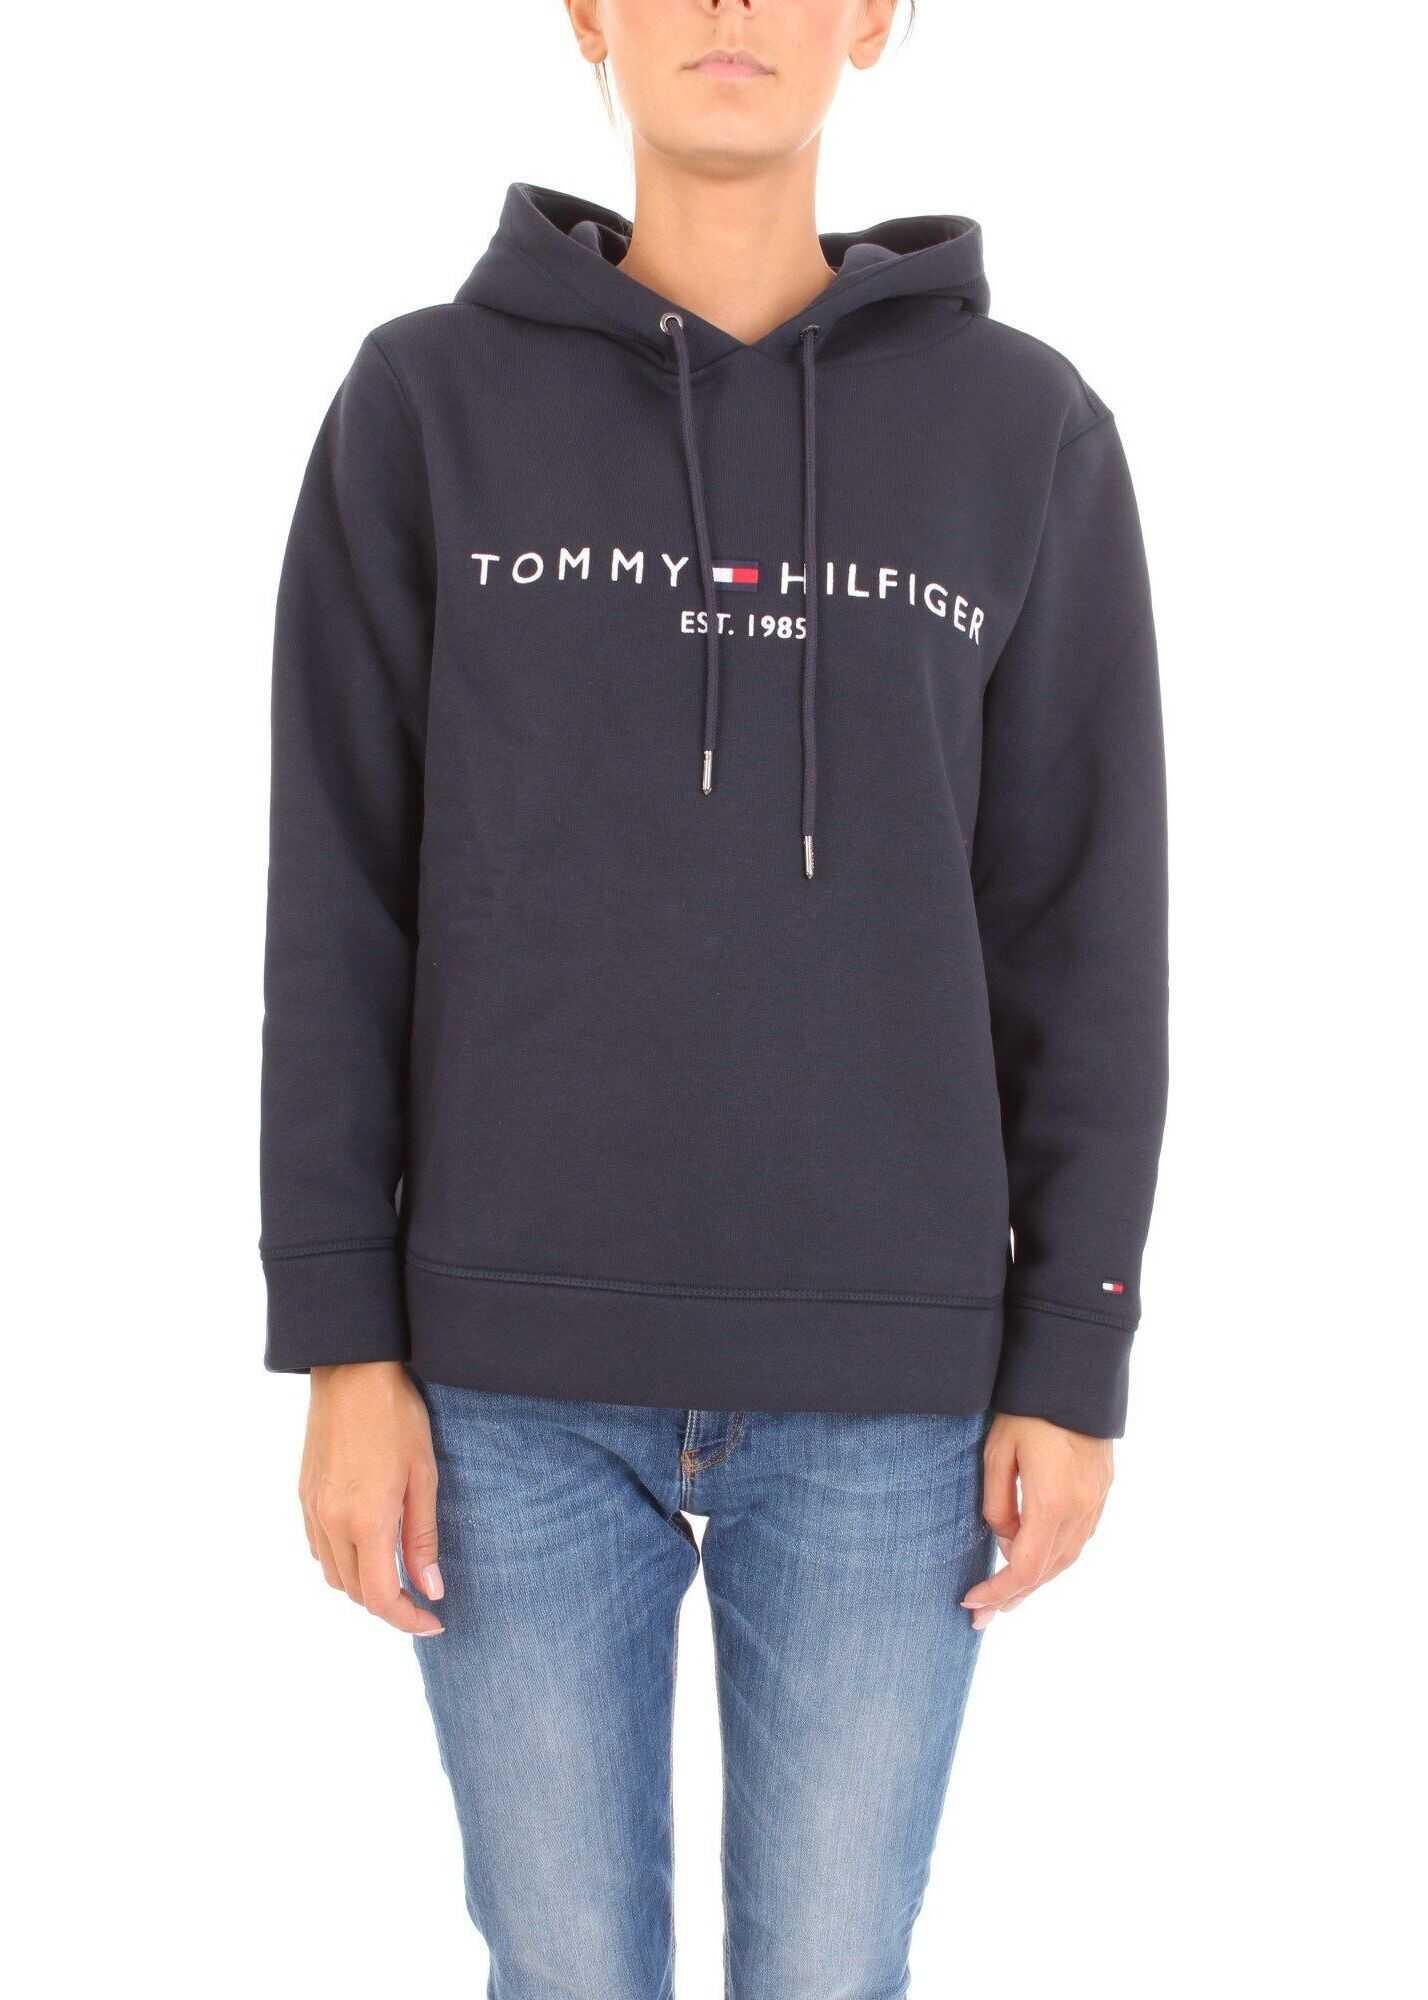 Tommy Hilfiger Cotton Sweatshirt BLUE